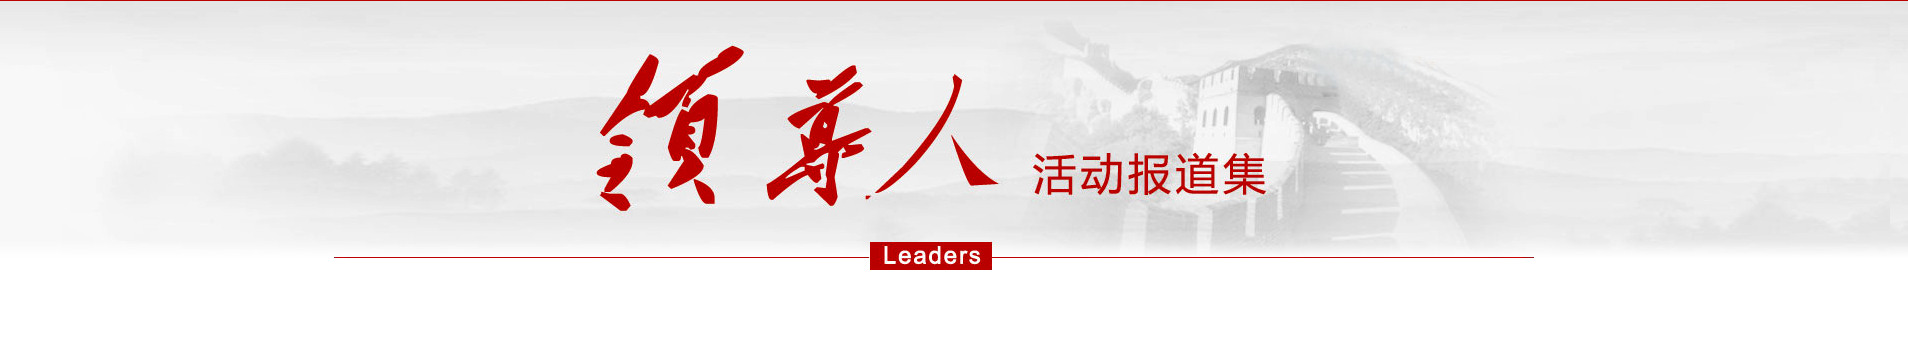 领导人活动报告集